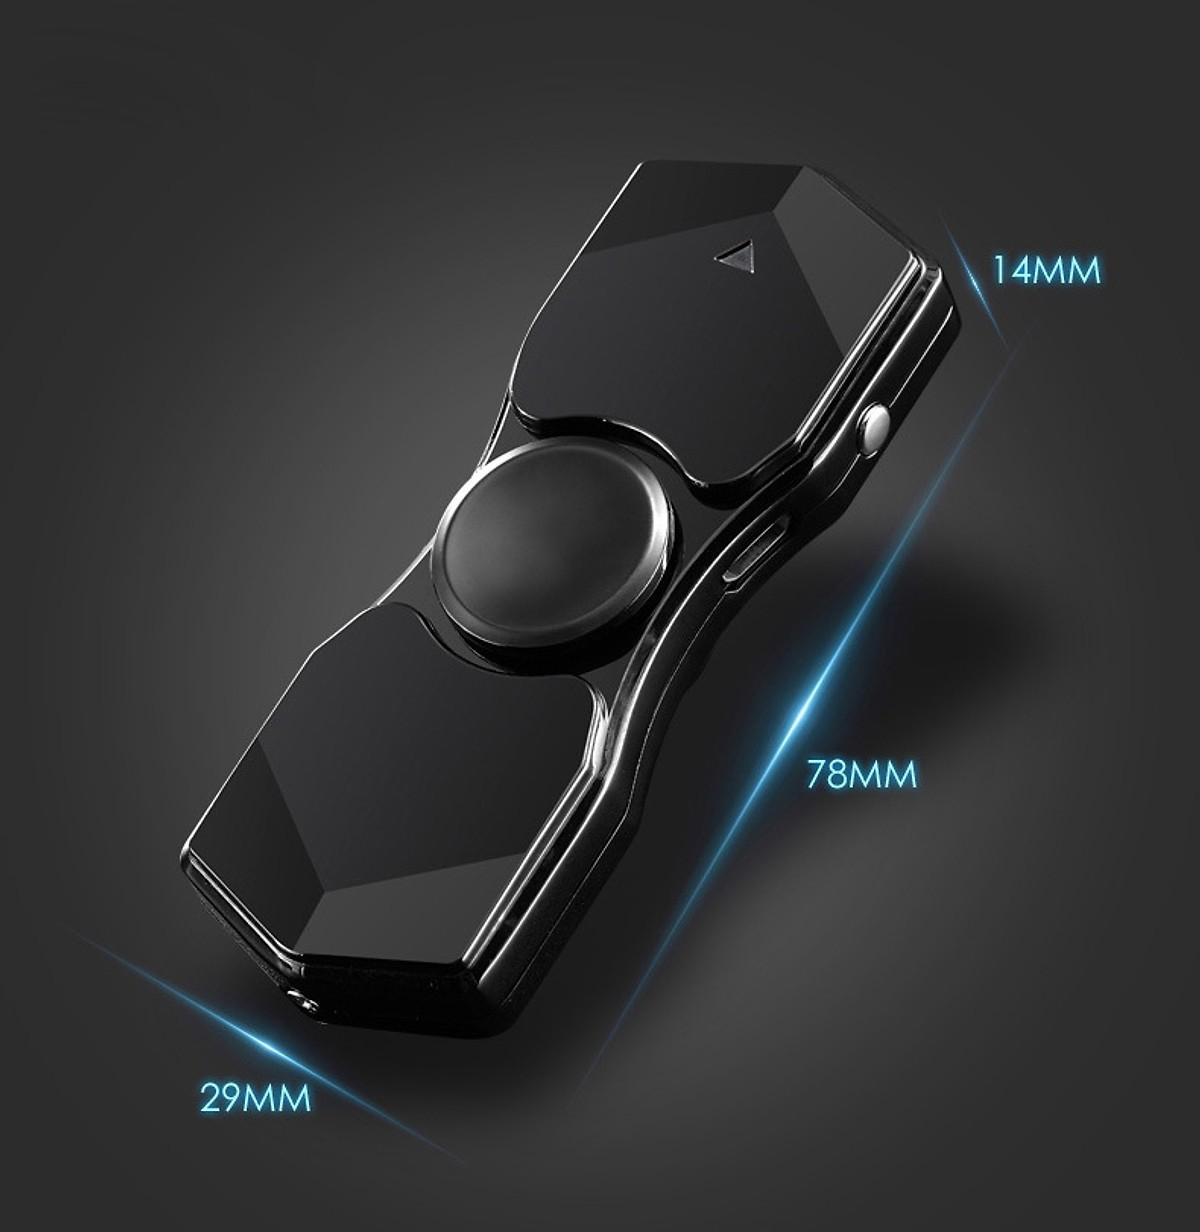 Hột Quẹt Bật Lửa Hồng Ngoại Kiêm Đèn Pin Sạc Điện USB Kiểu Dáng Spinner Tạo 12 Hiệu Ứng Đèn Led + Tặng Tai Nghe Bluetooth Cao Cấp (màu ngẫu nhiên) - Video Review